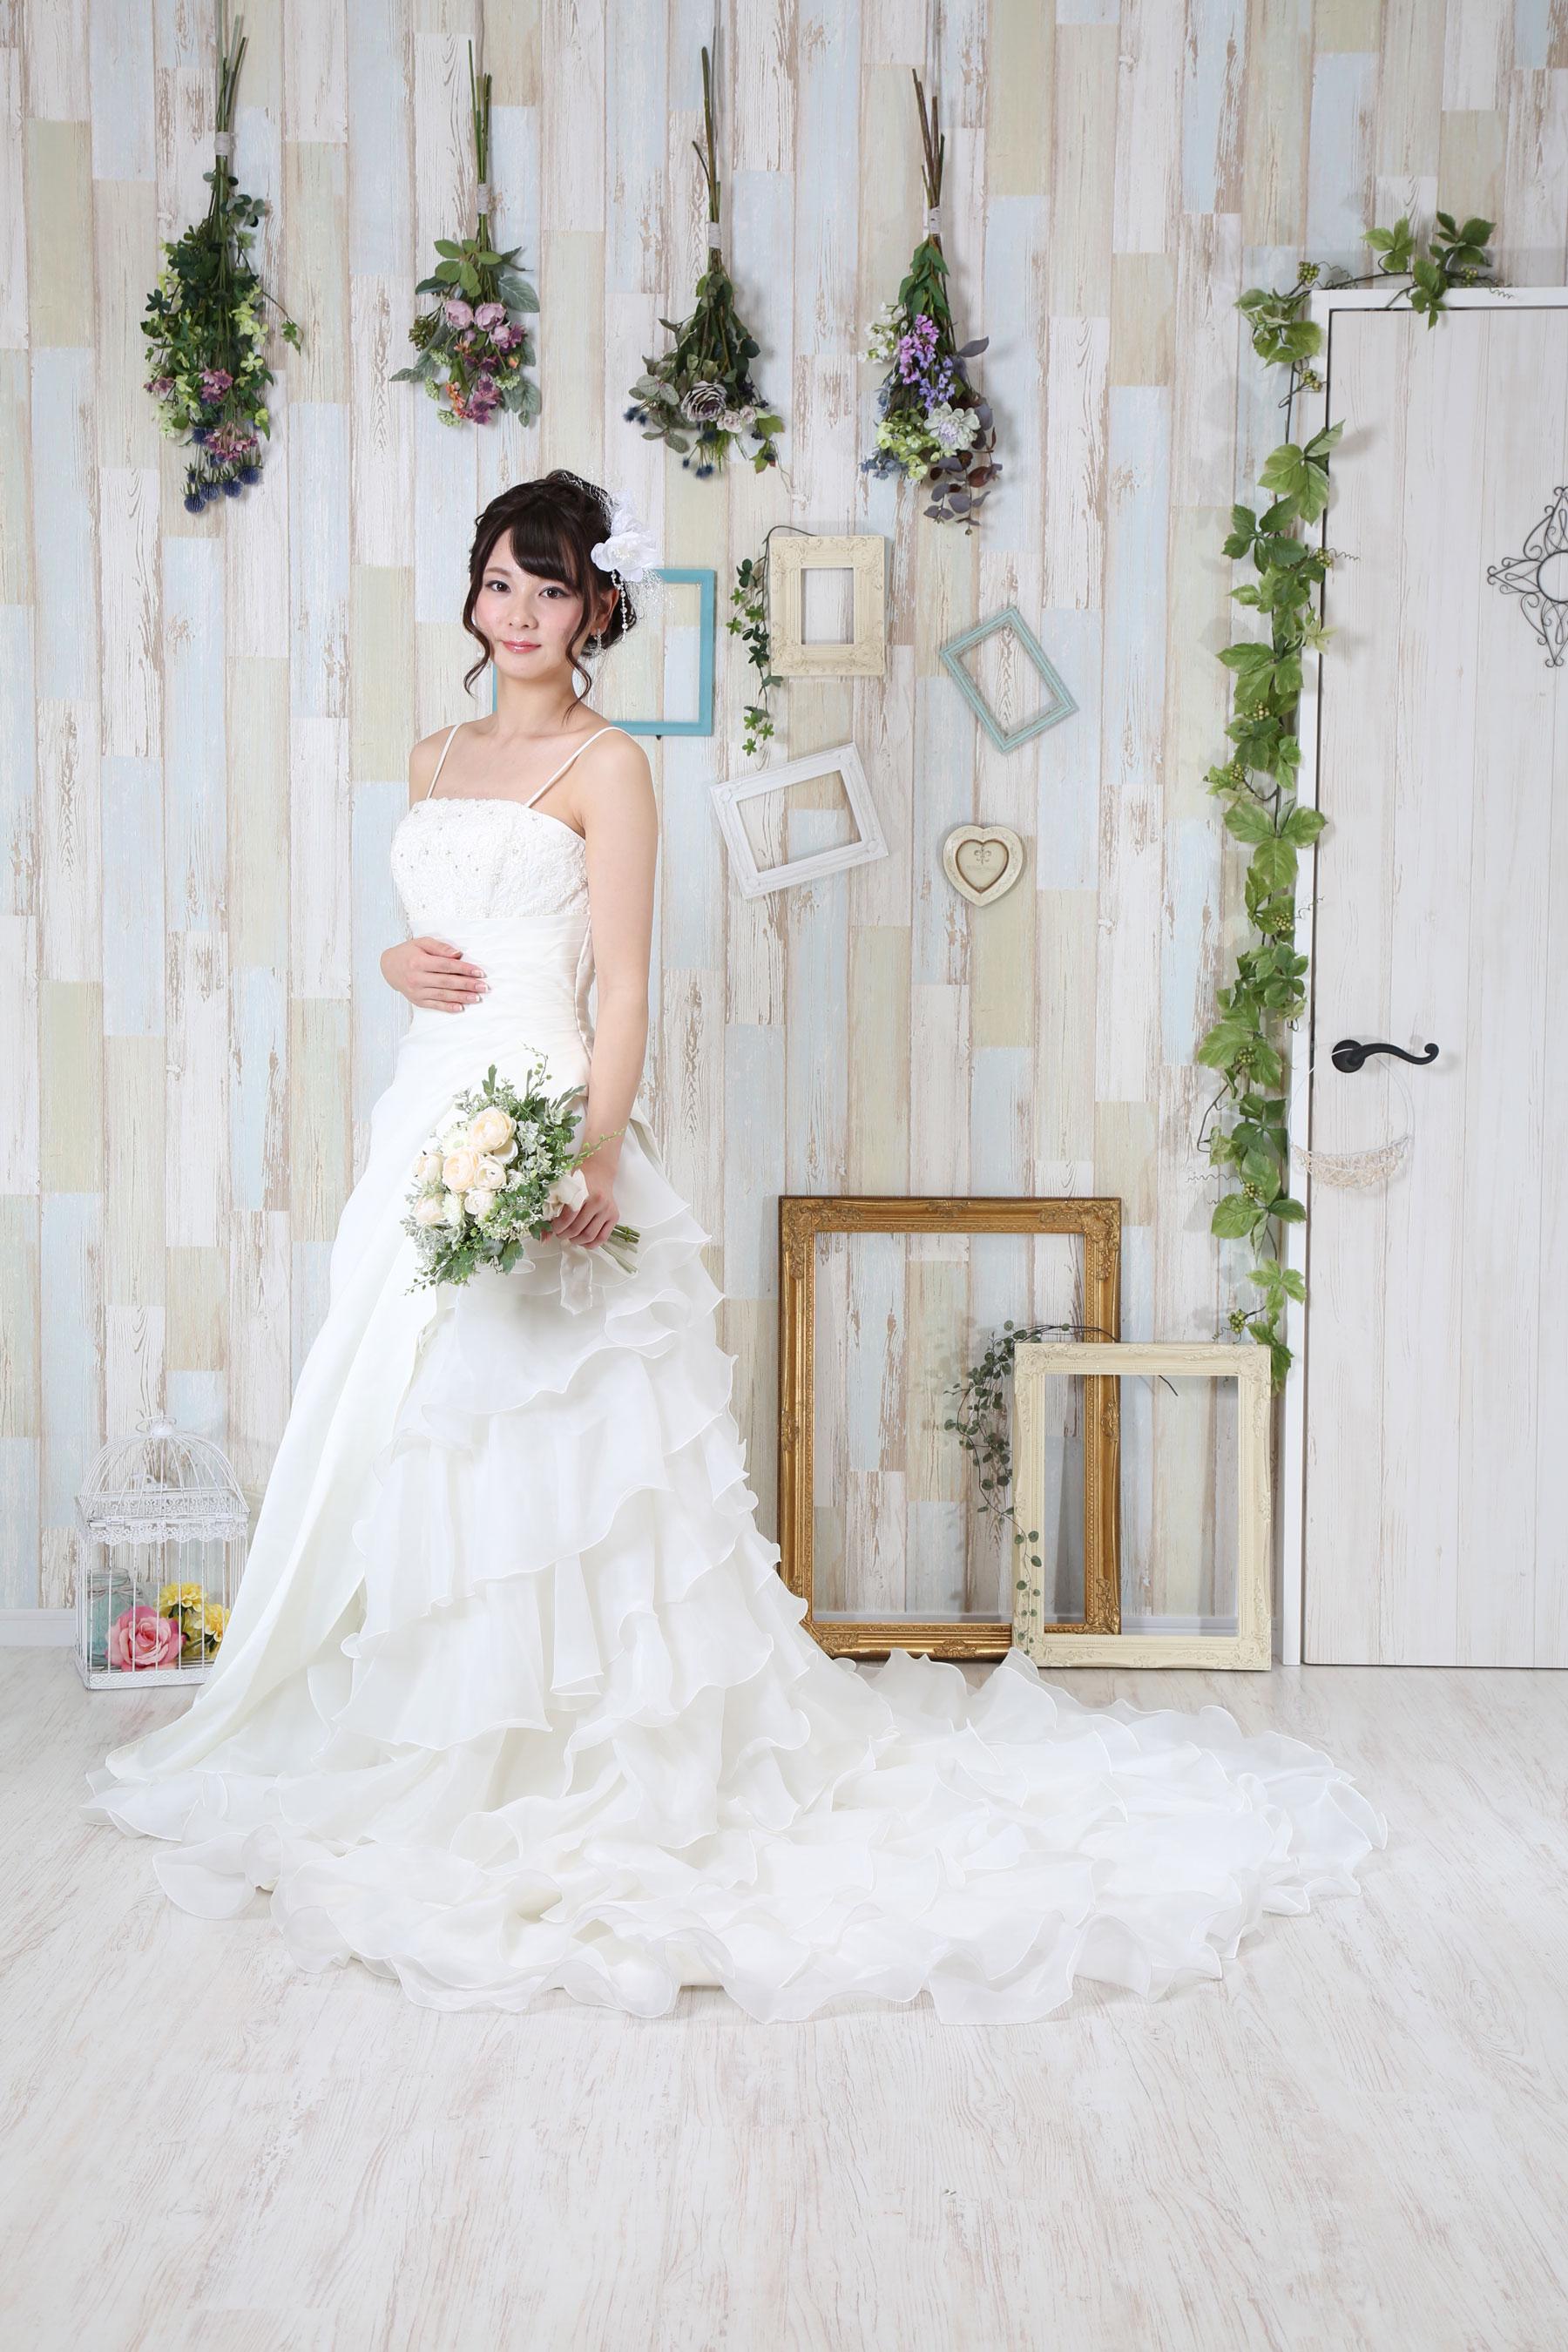 ★20180211-ドレス衣装撮影_139